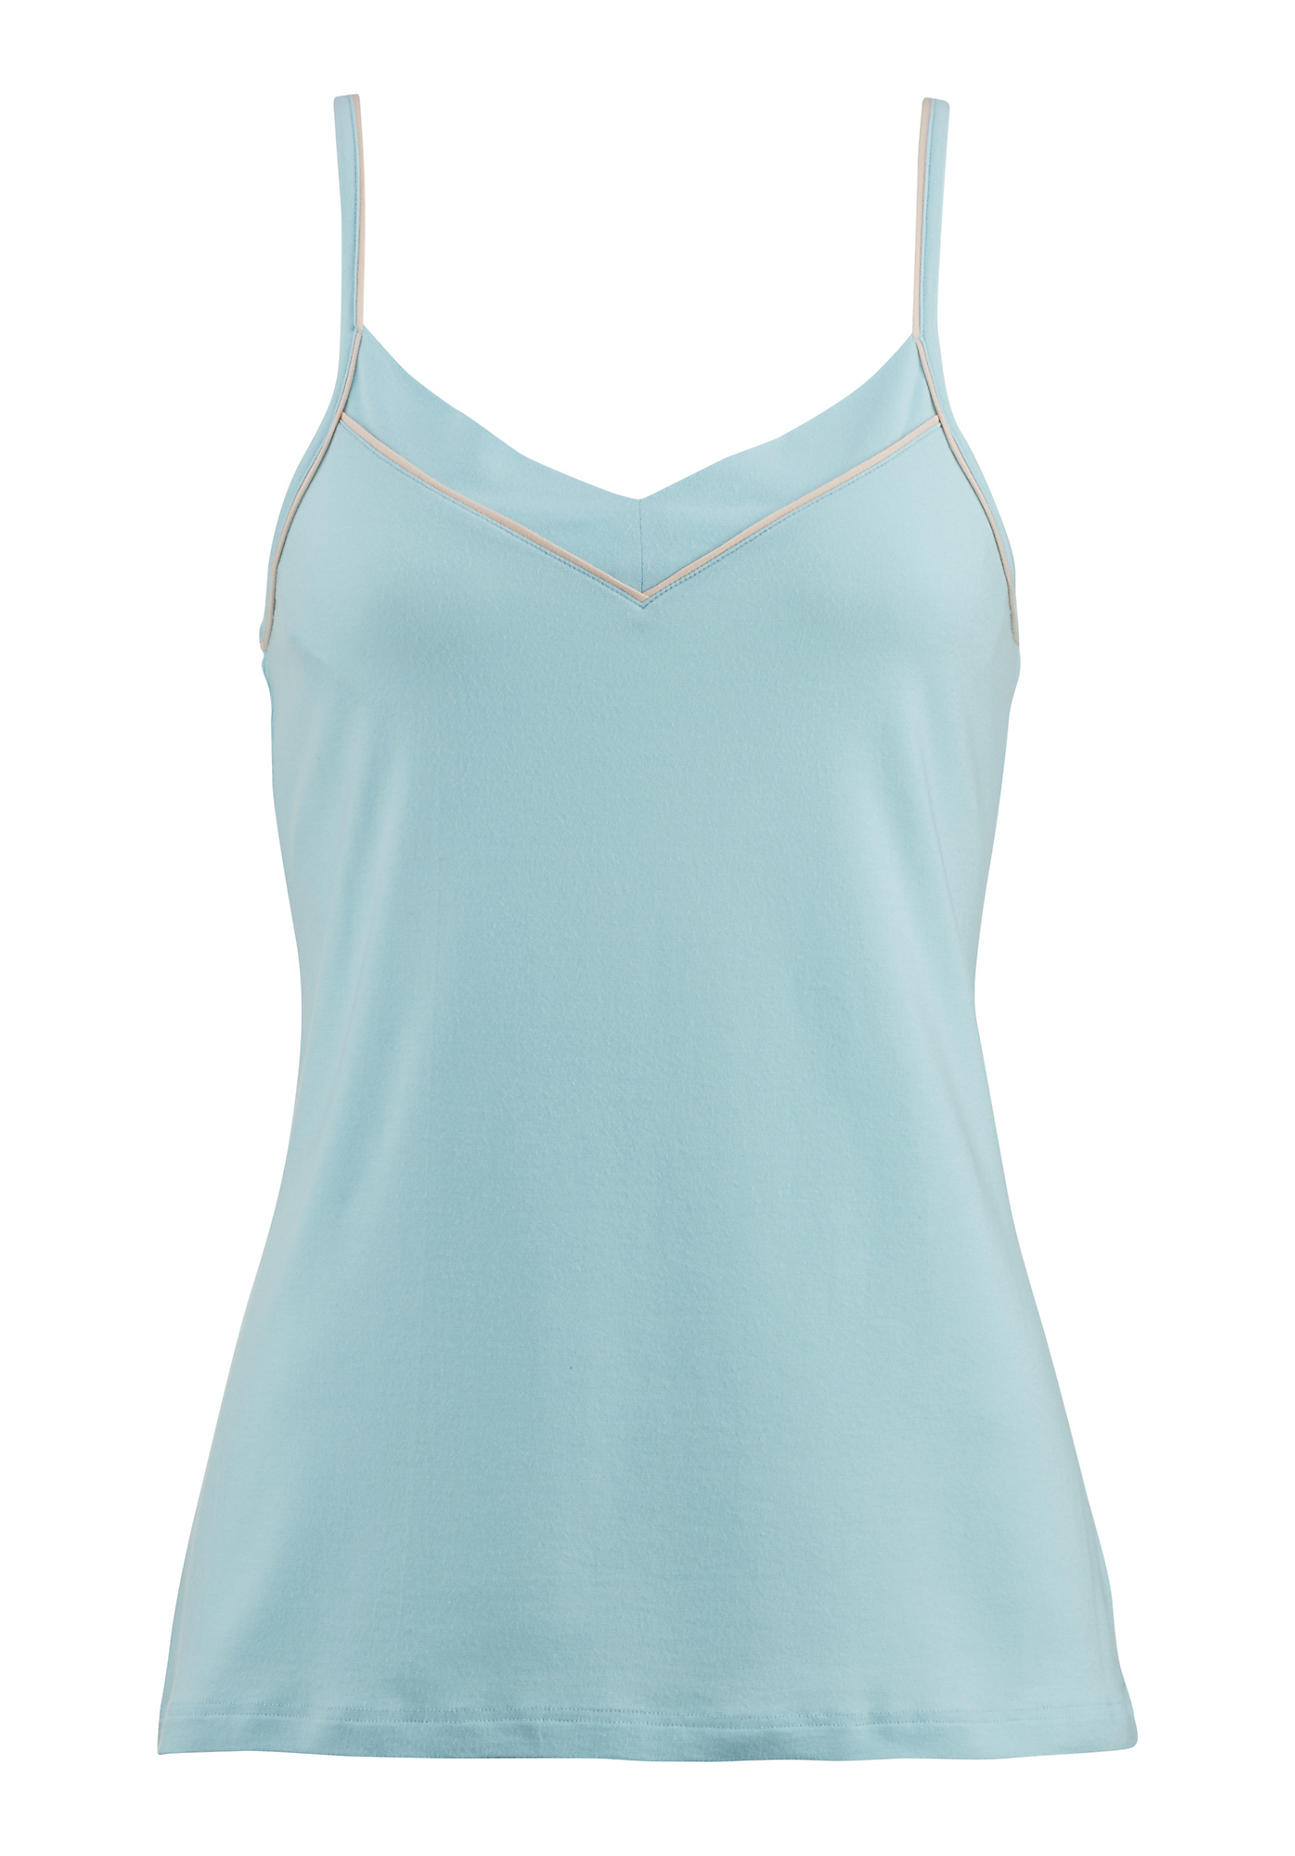 Waesche für Frauen - hessnatur Damen Damen Unterhemd aus Bio Baumwolle und Modal – blau – Größe 38  - Onlineshop Hessnatur